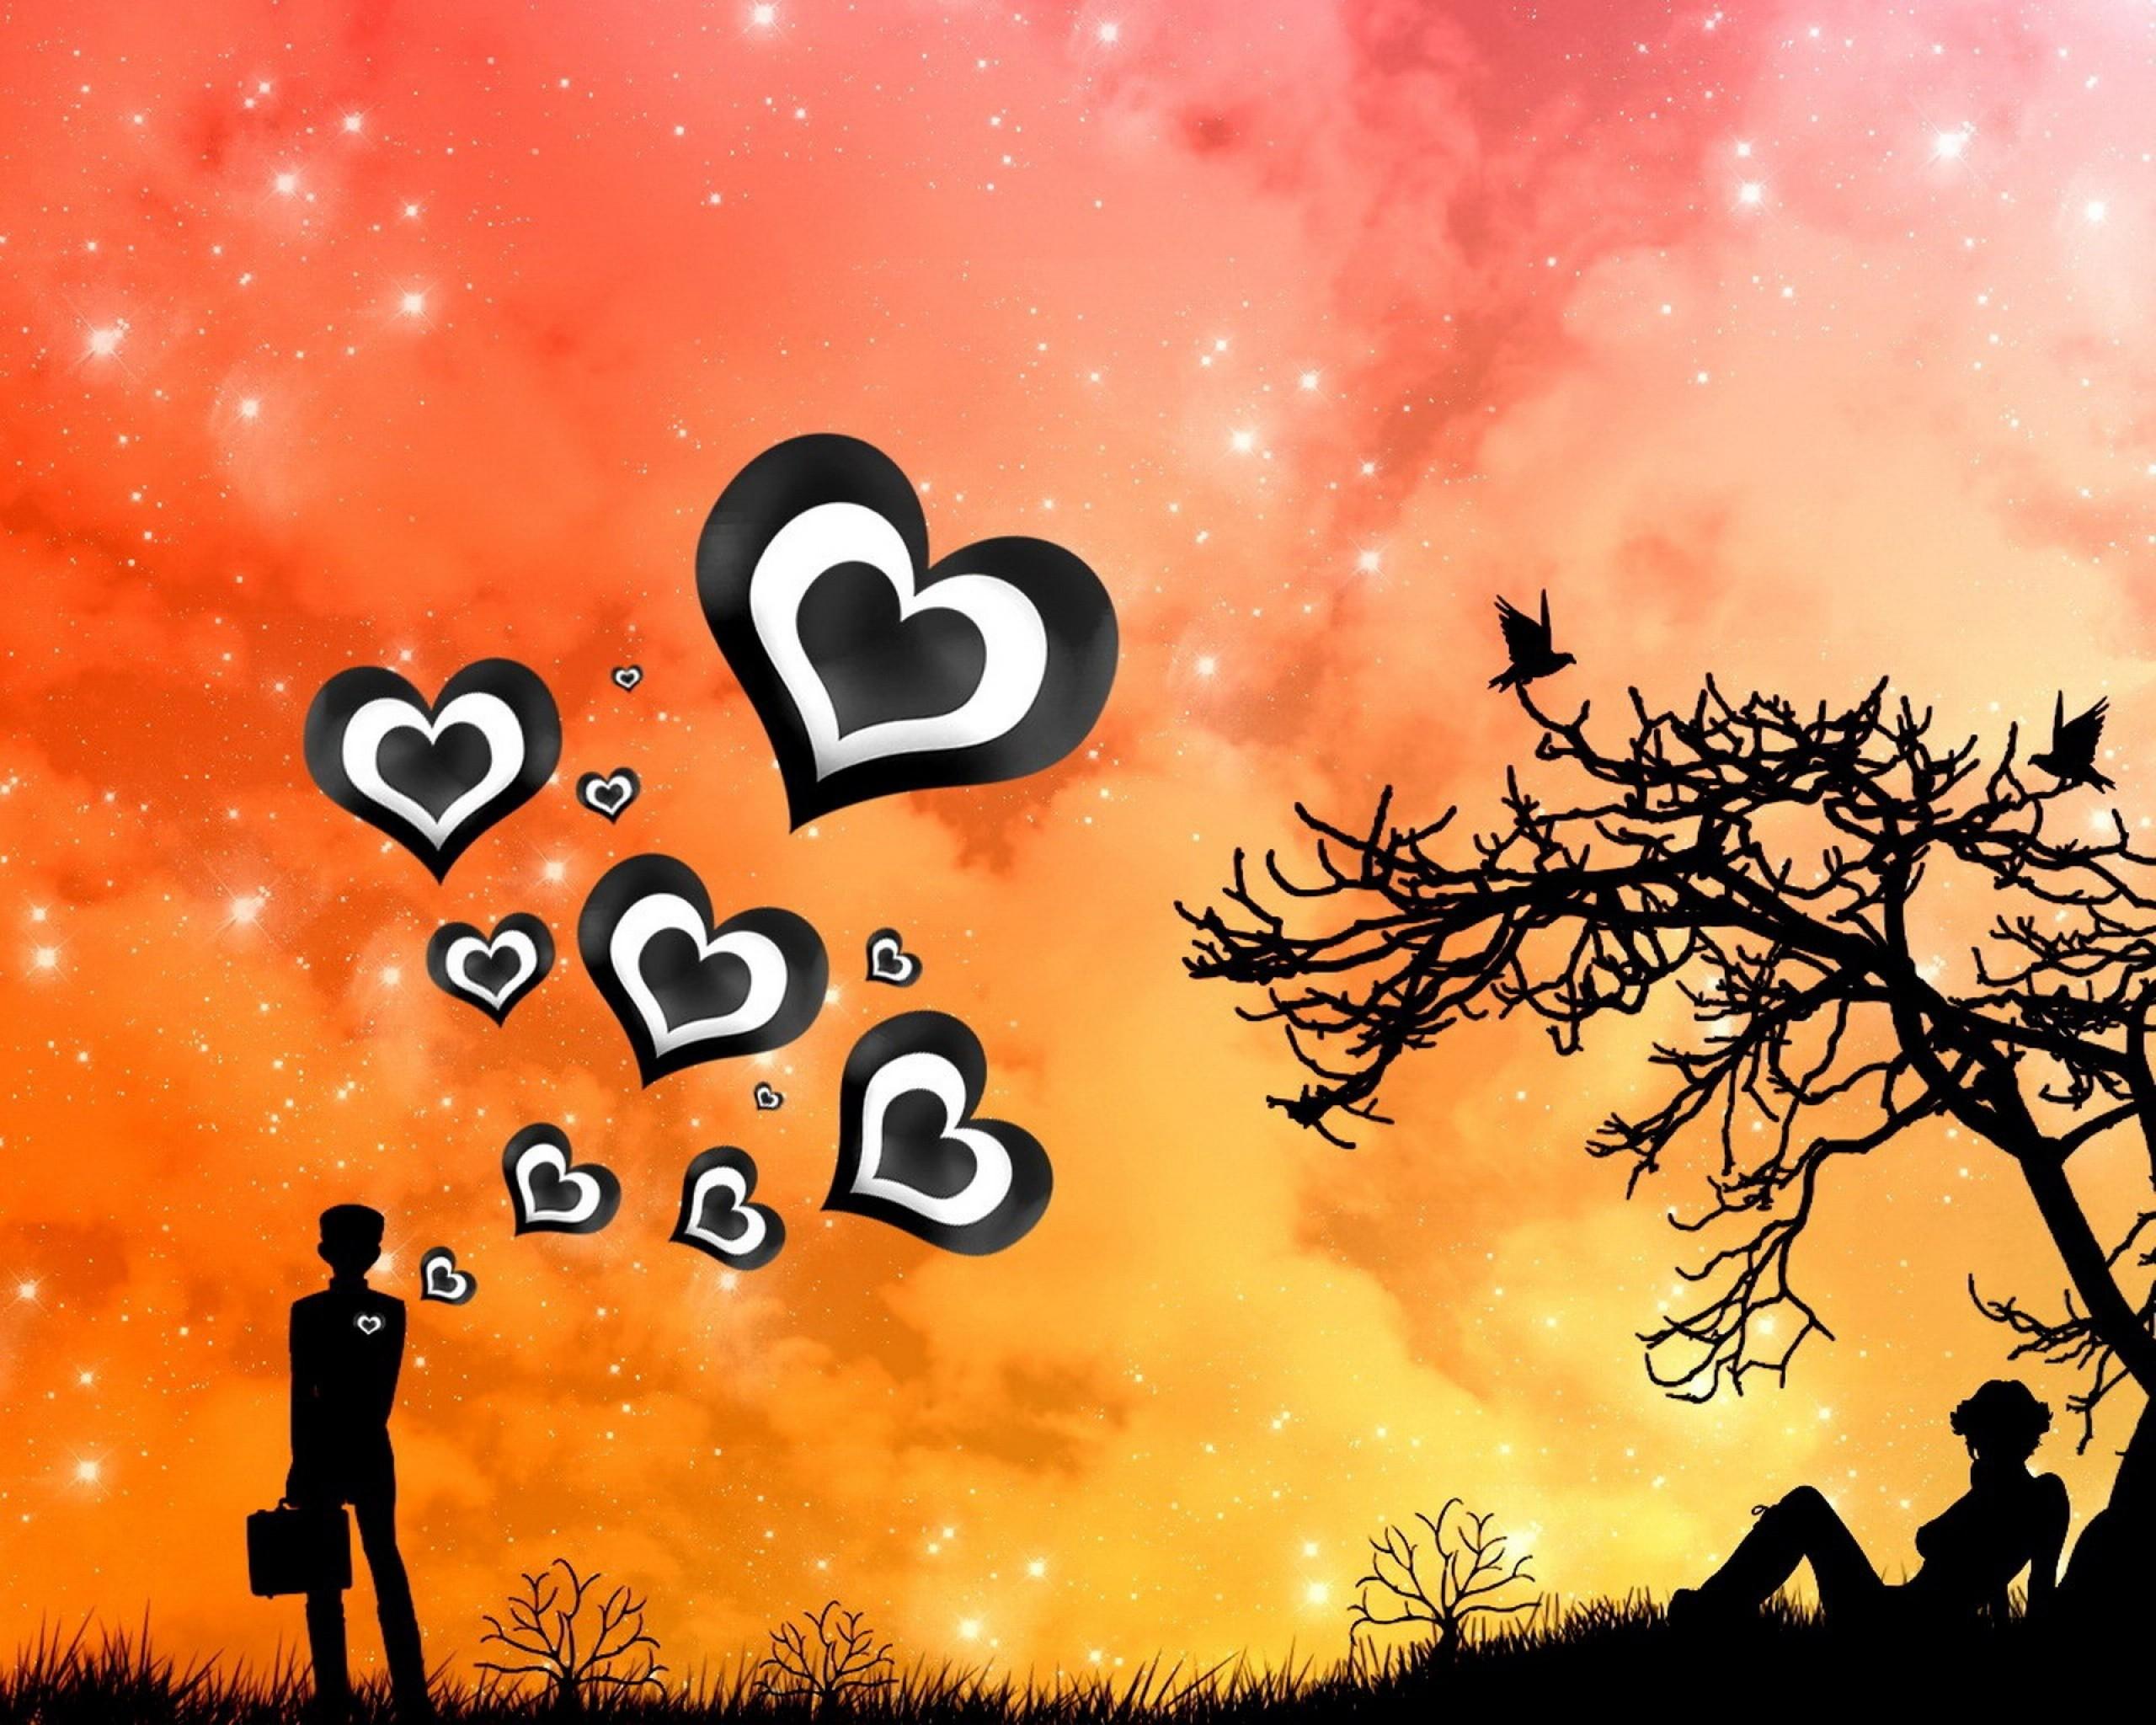 بالصور صورعن الحب , جمال الحب واجمل الصور التى تعبر عنه 5948 10